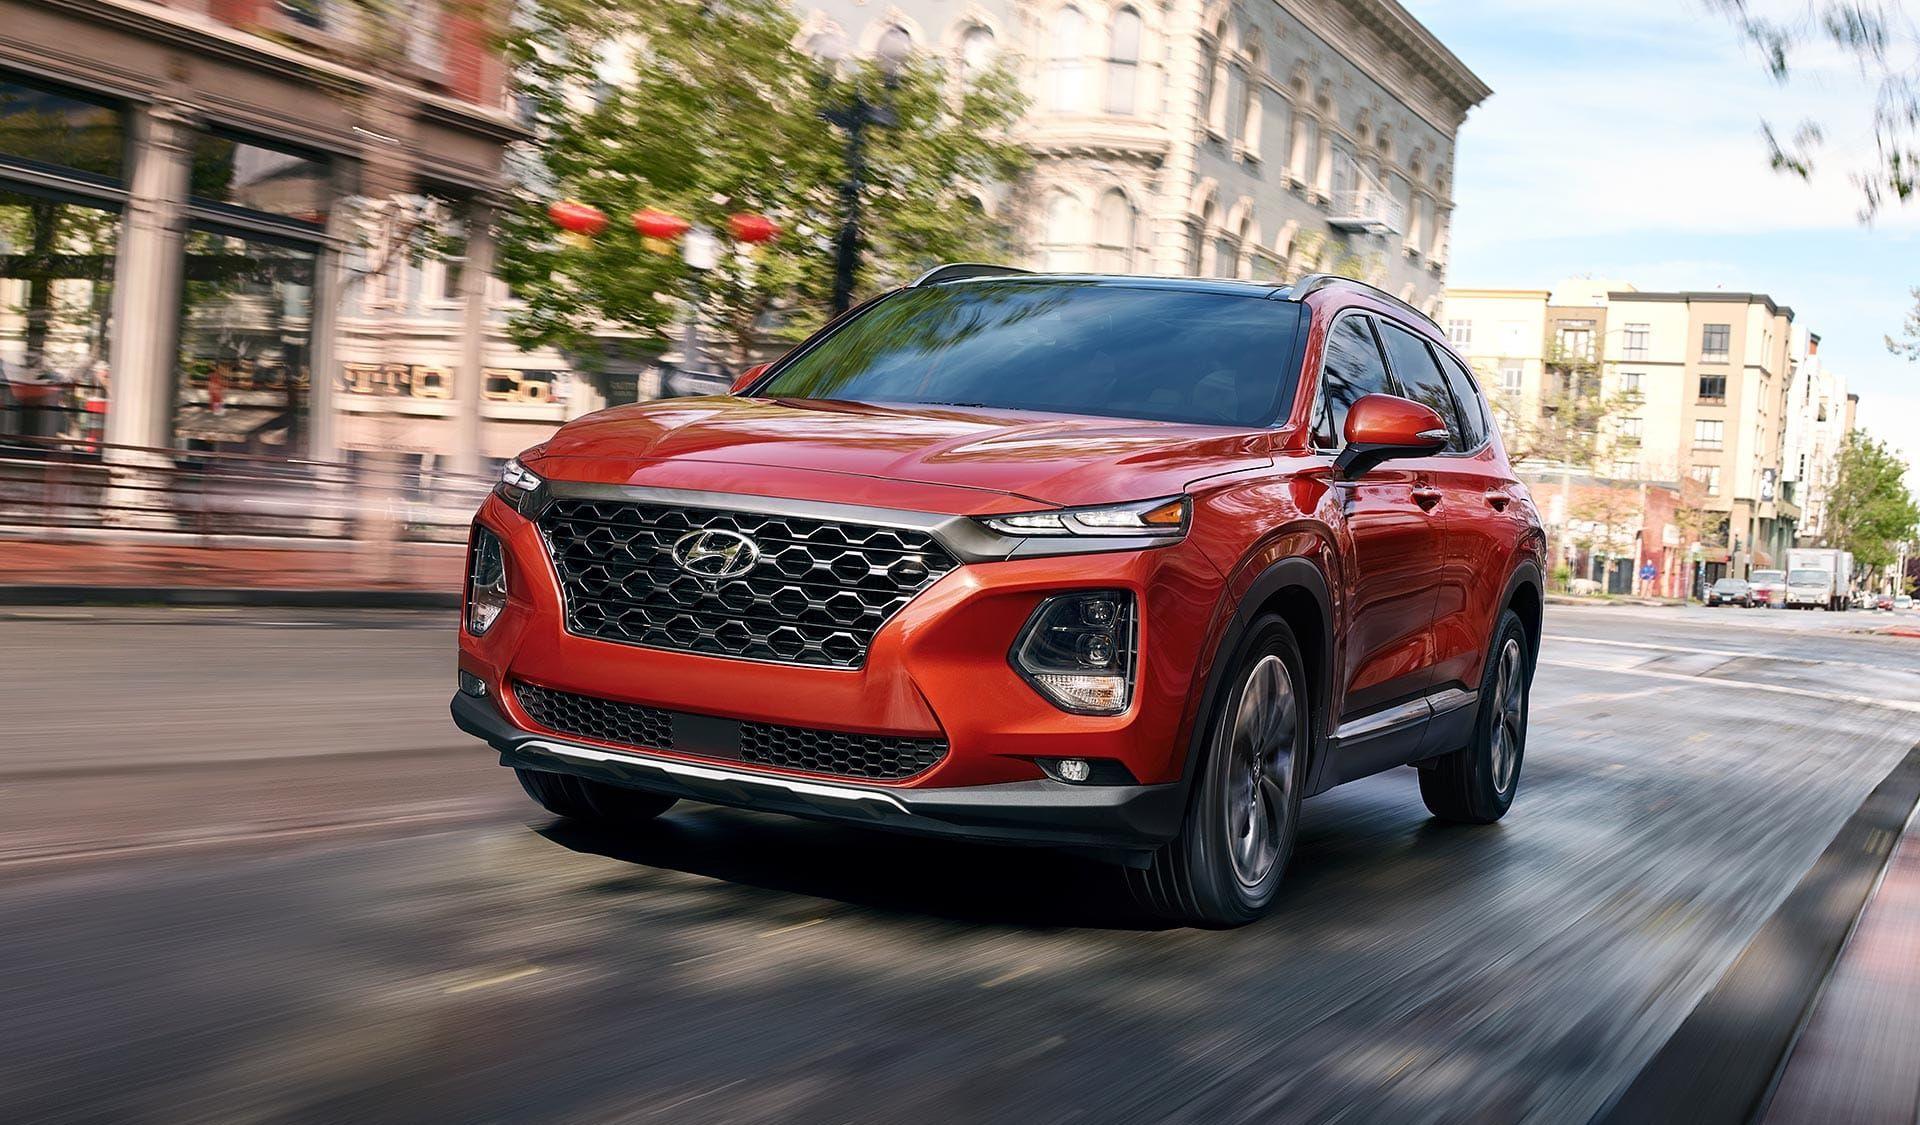 2019 Hyundai Santa Fe Leasing near Alexandria, VA